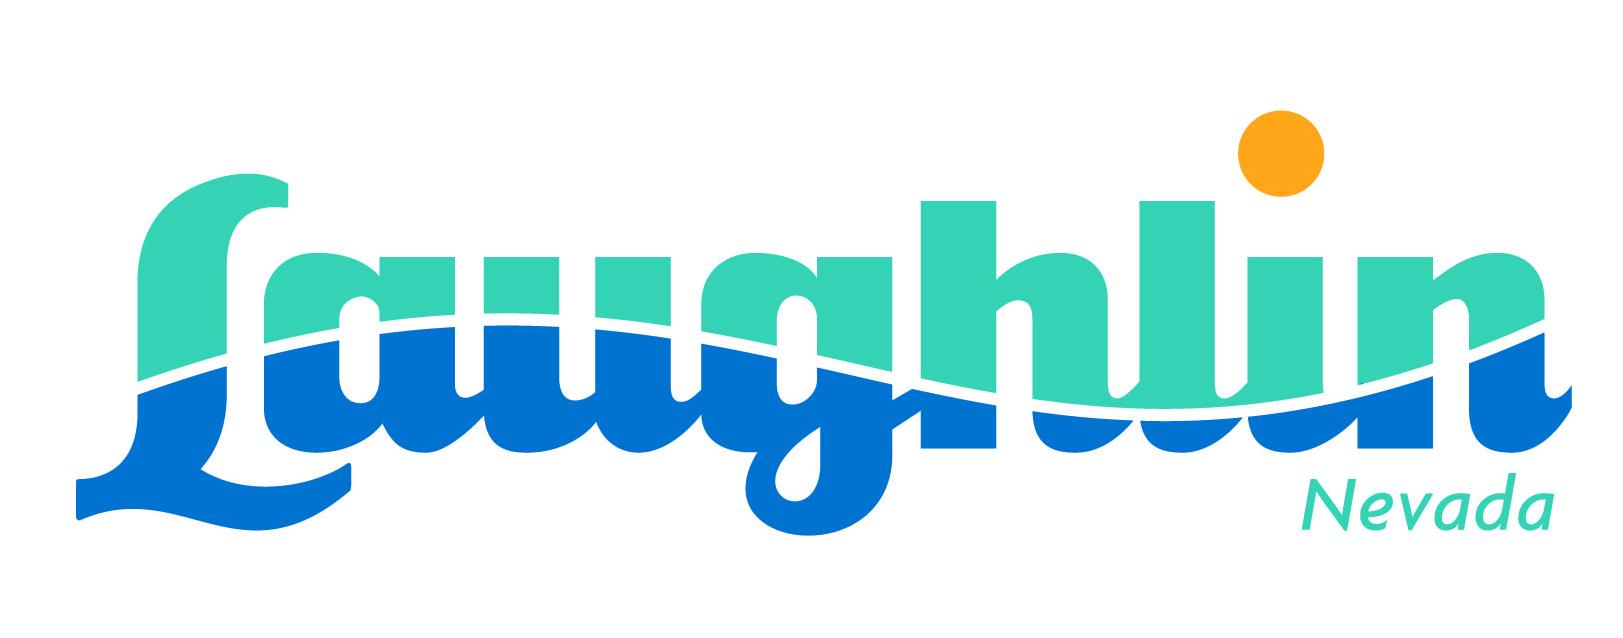 Laughlin-logo 2.jpg